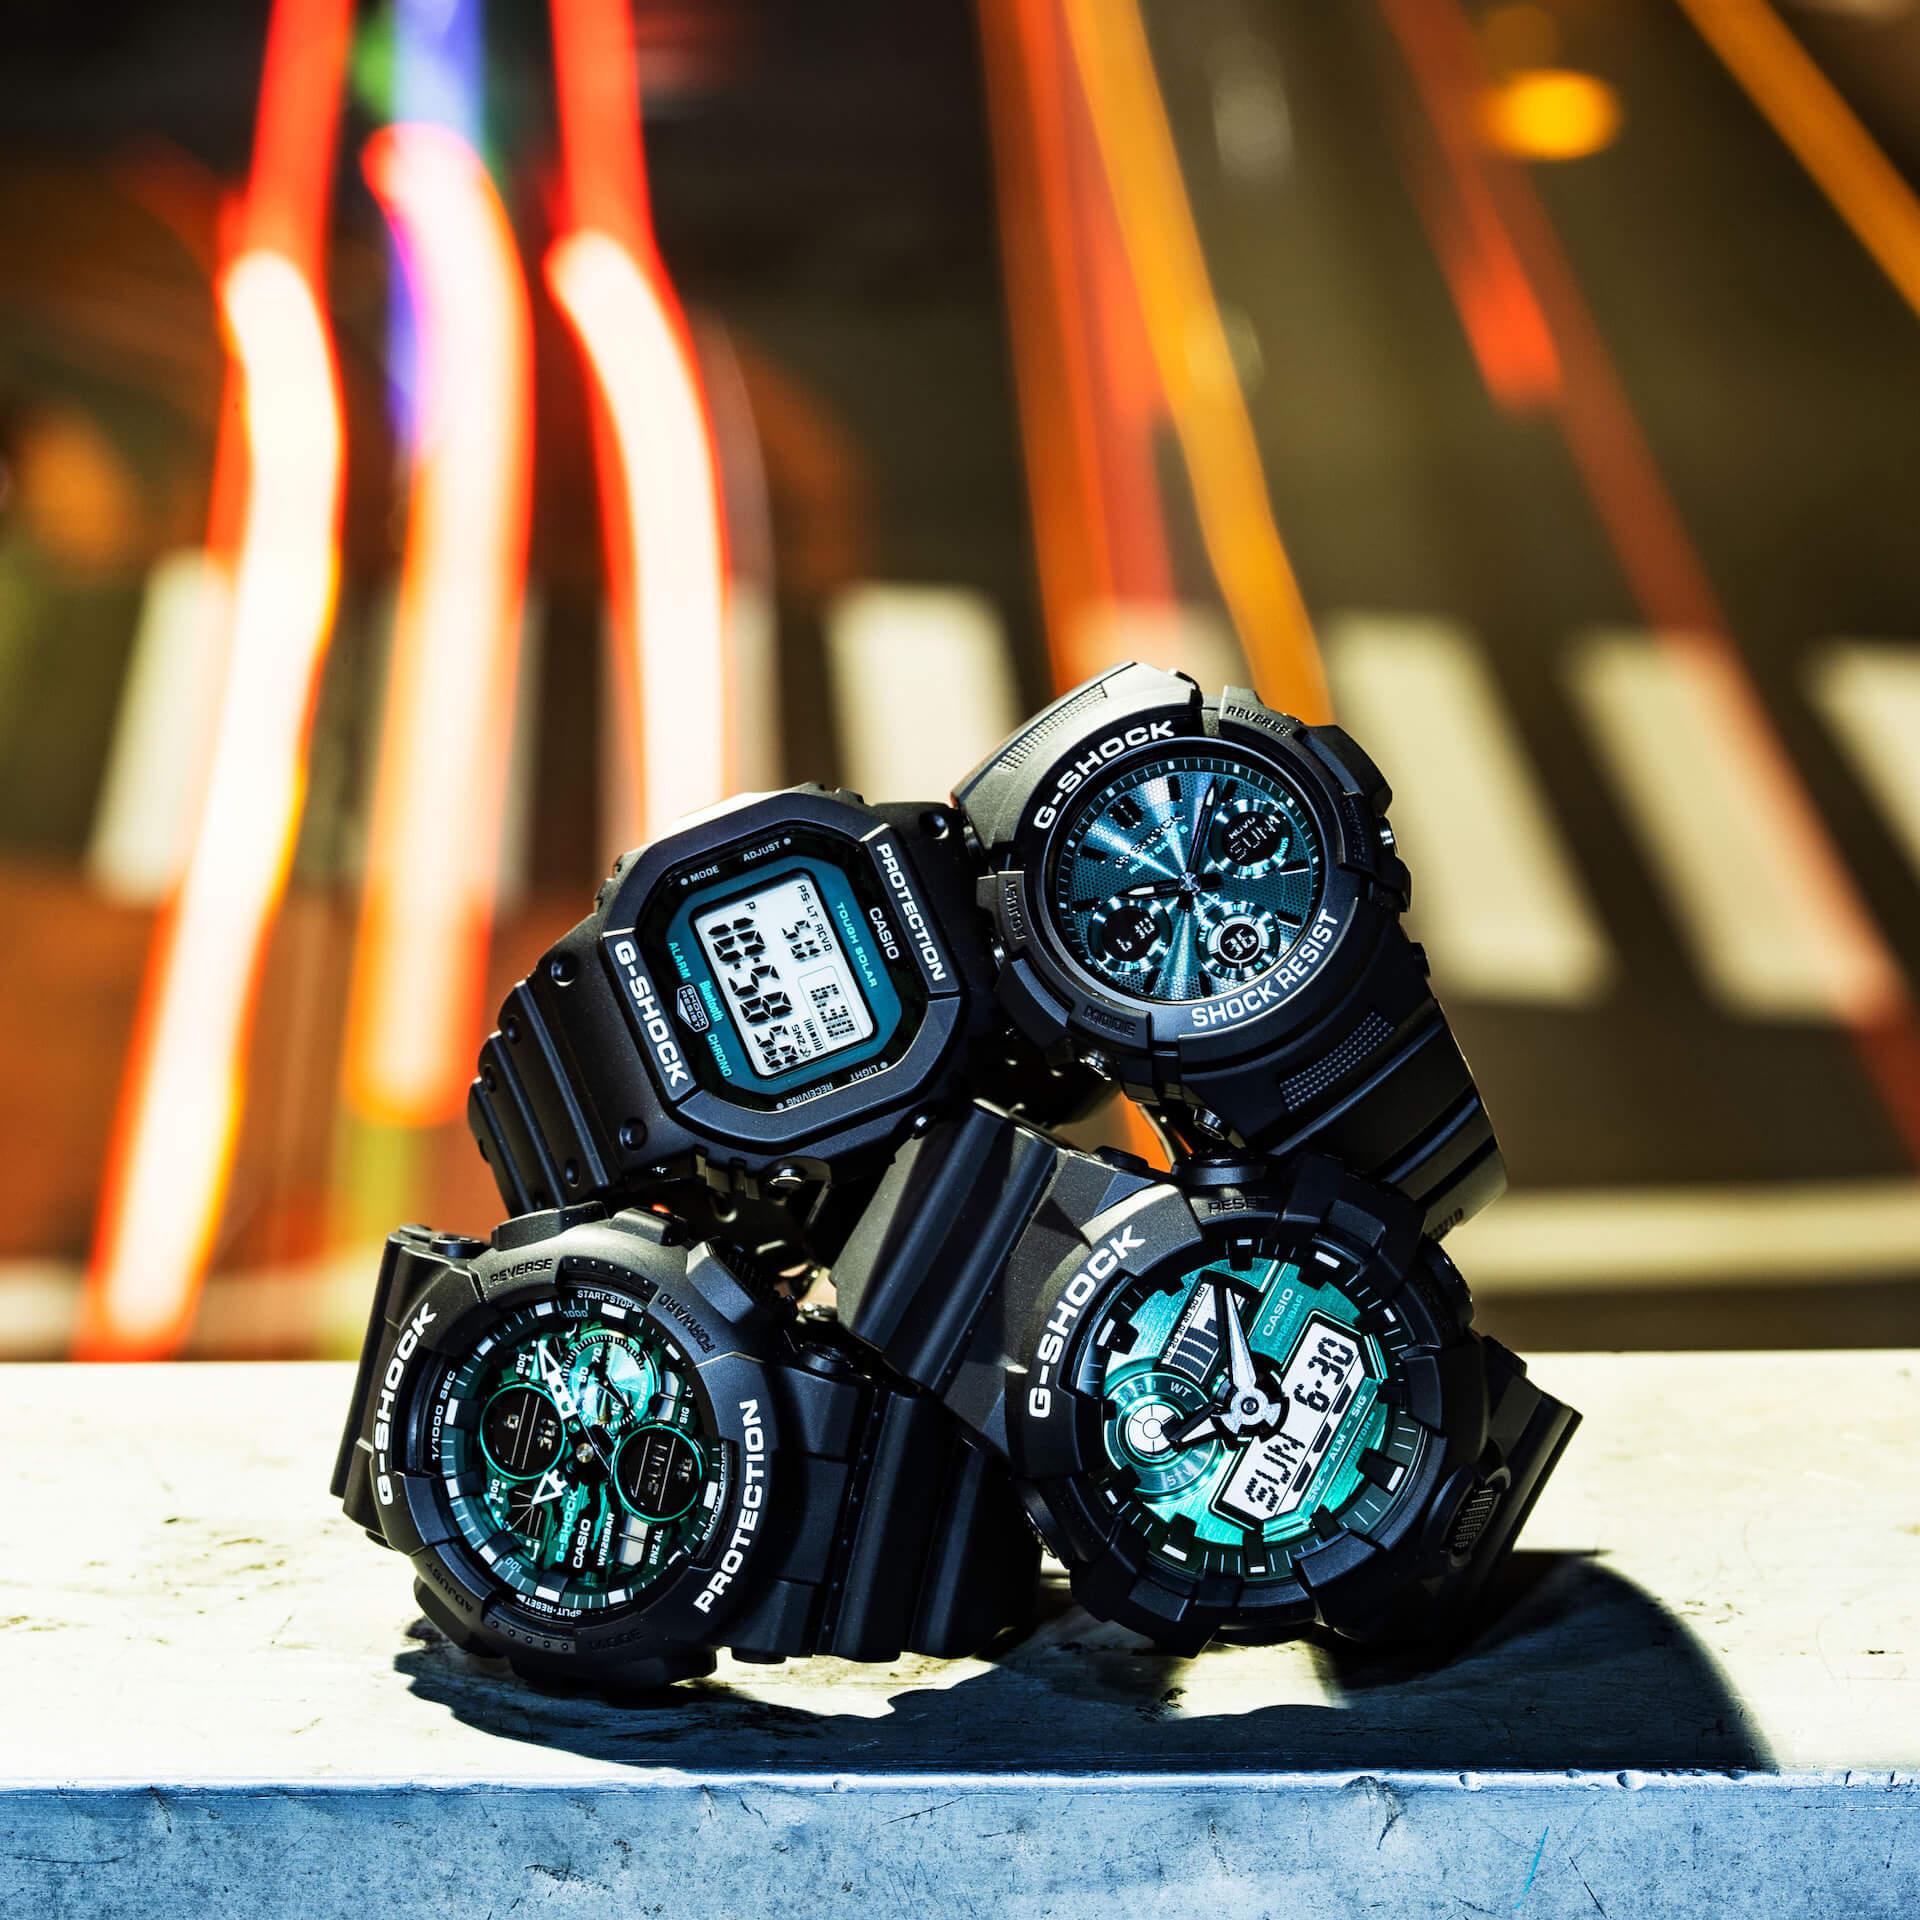 ブラック×グリーンが映えるG-SHOCKの新シリーズ「Black and Green Series」が登場! tech210415_gshock_8